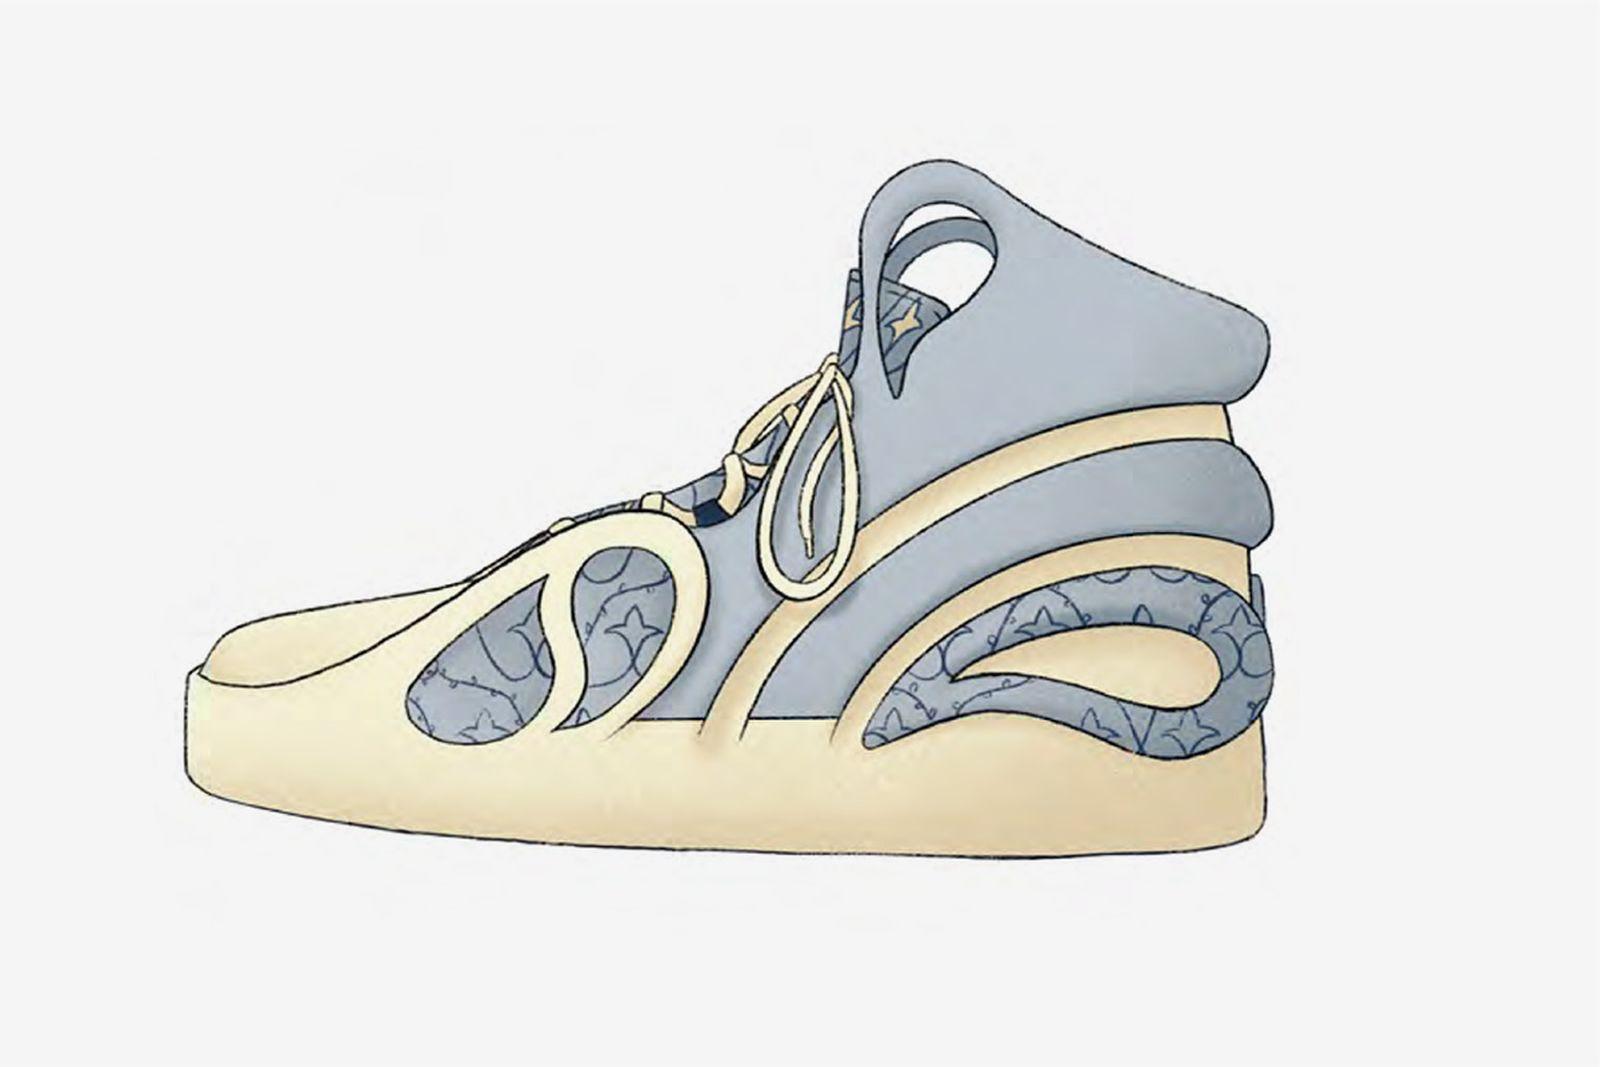 prospect-100-sneaker-design-winner-07